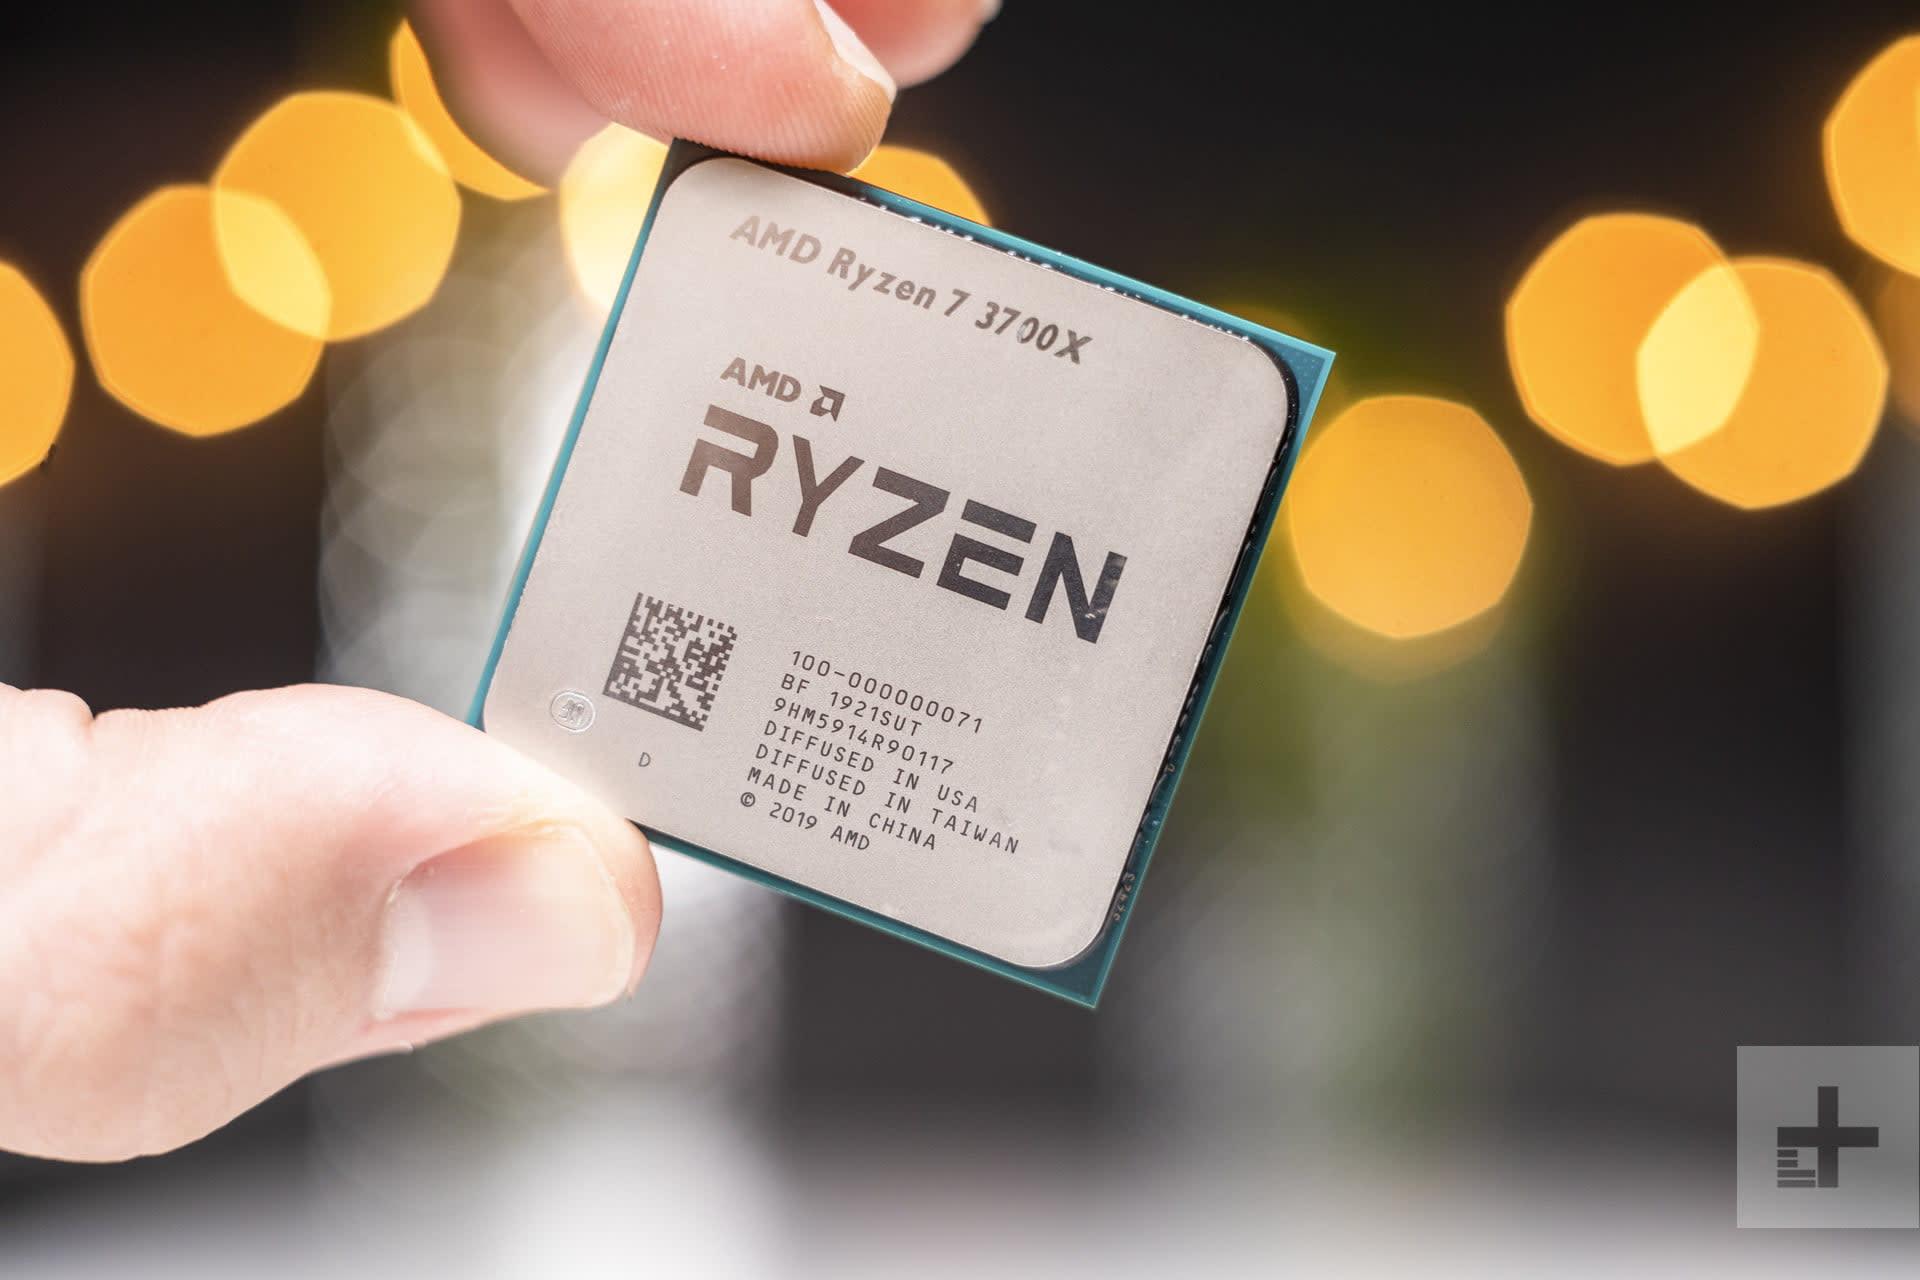 Amd S New Desktop Processors Could Launch In October As Ryzen 5000